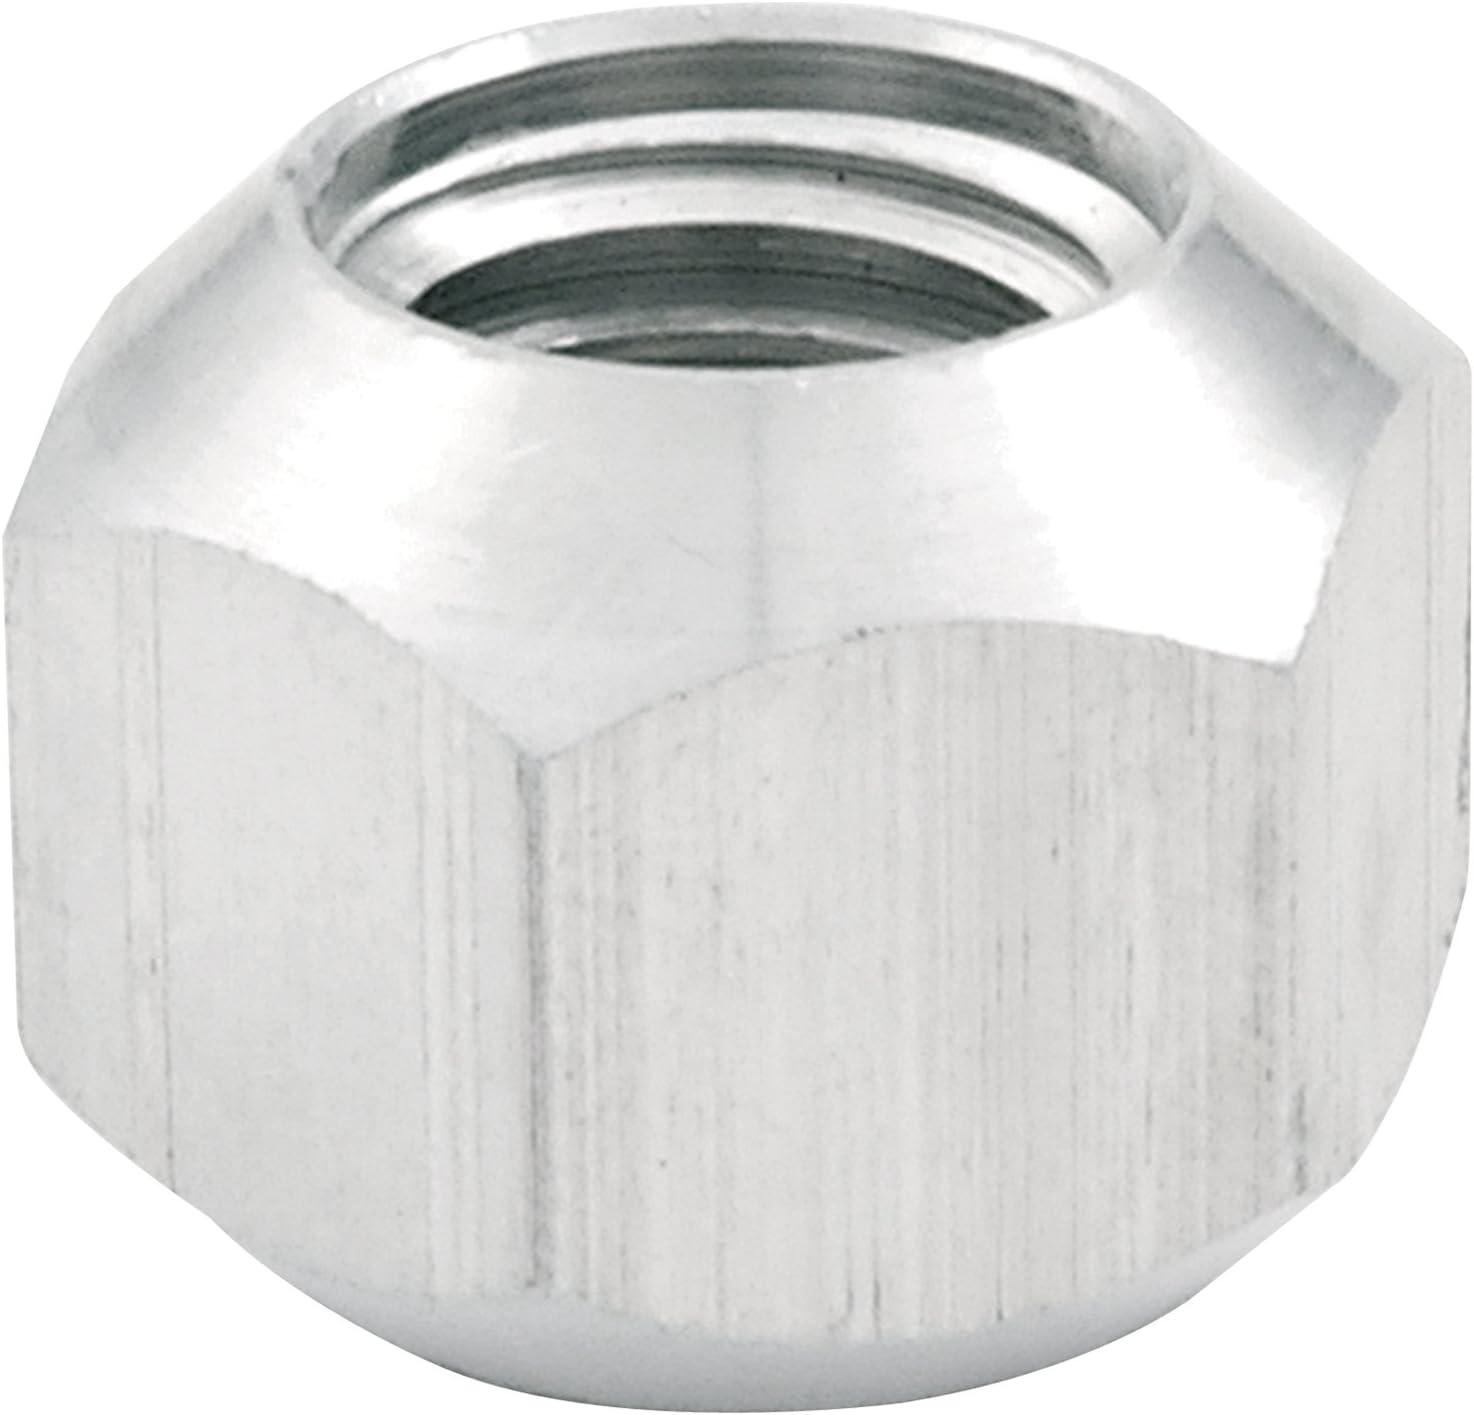 Pack of 10 Allstar ALL44097 Aluminum Open-Ended Lug Nut for 1 Socket